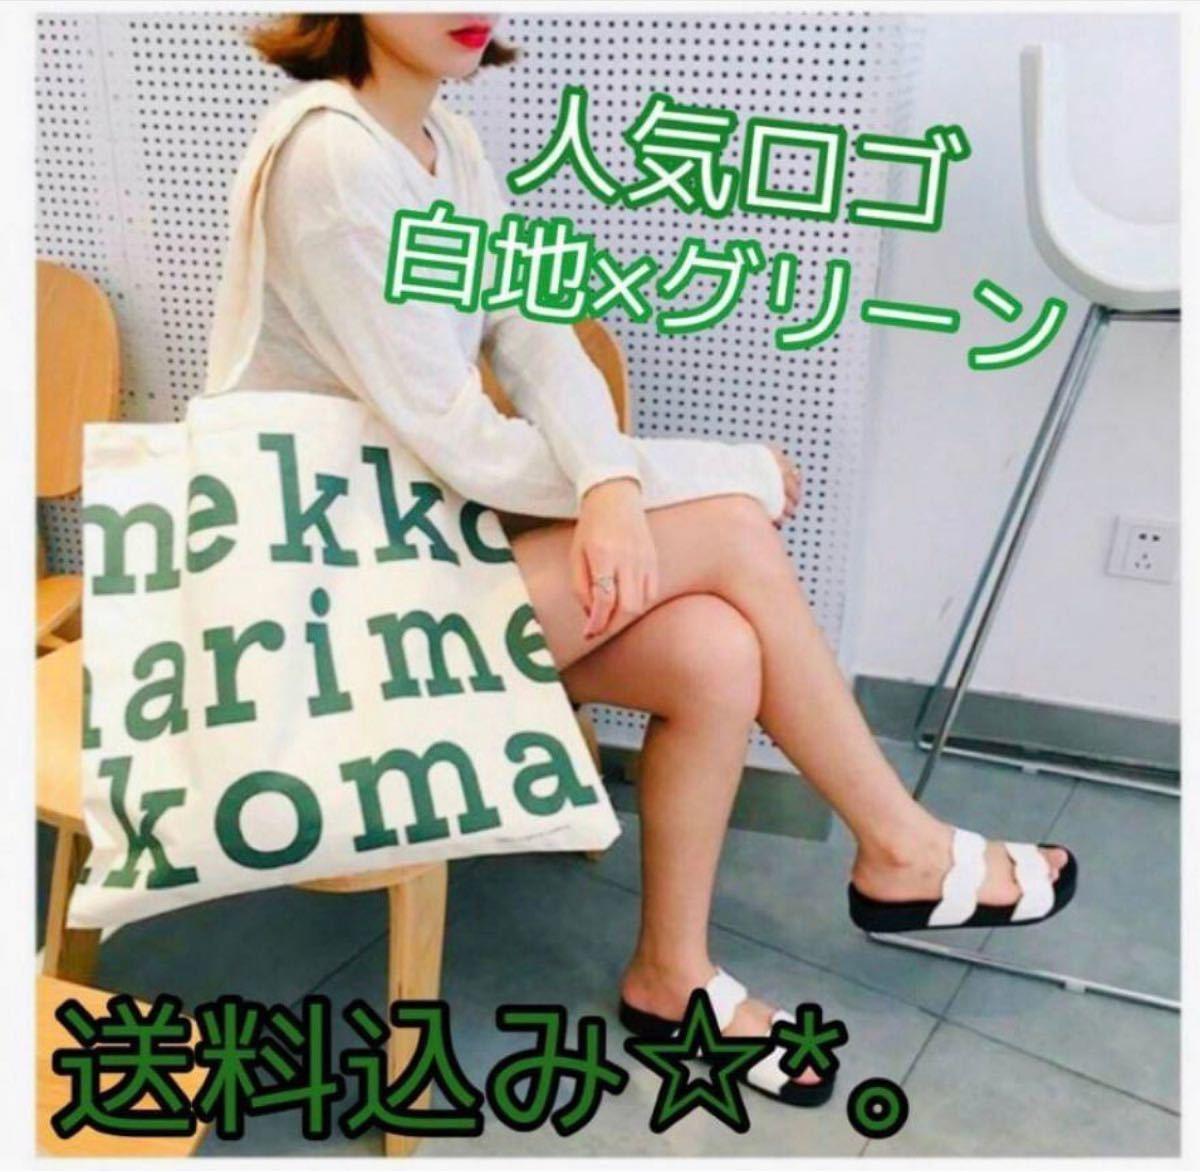 マリメッコ柄 ロゴ トートバッグ インスタ映え 白地×グリーン